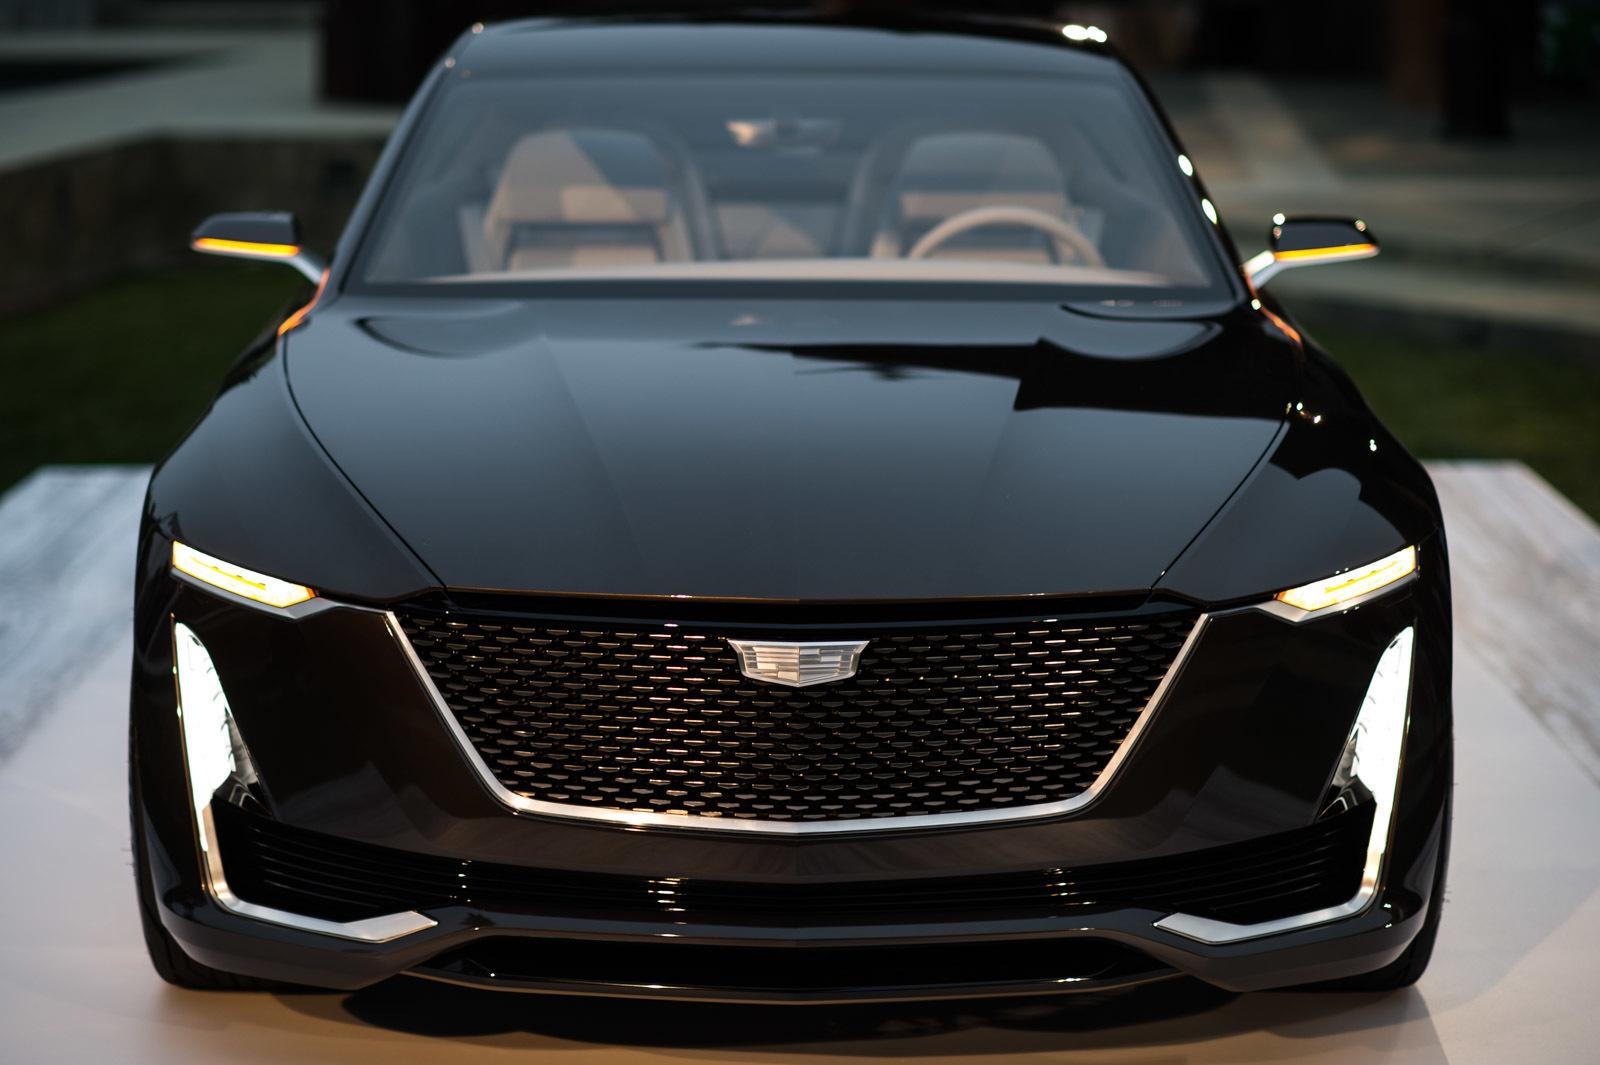 large_cadillac-escala-concept-car-3-99.jpg